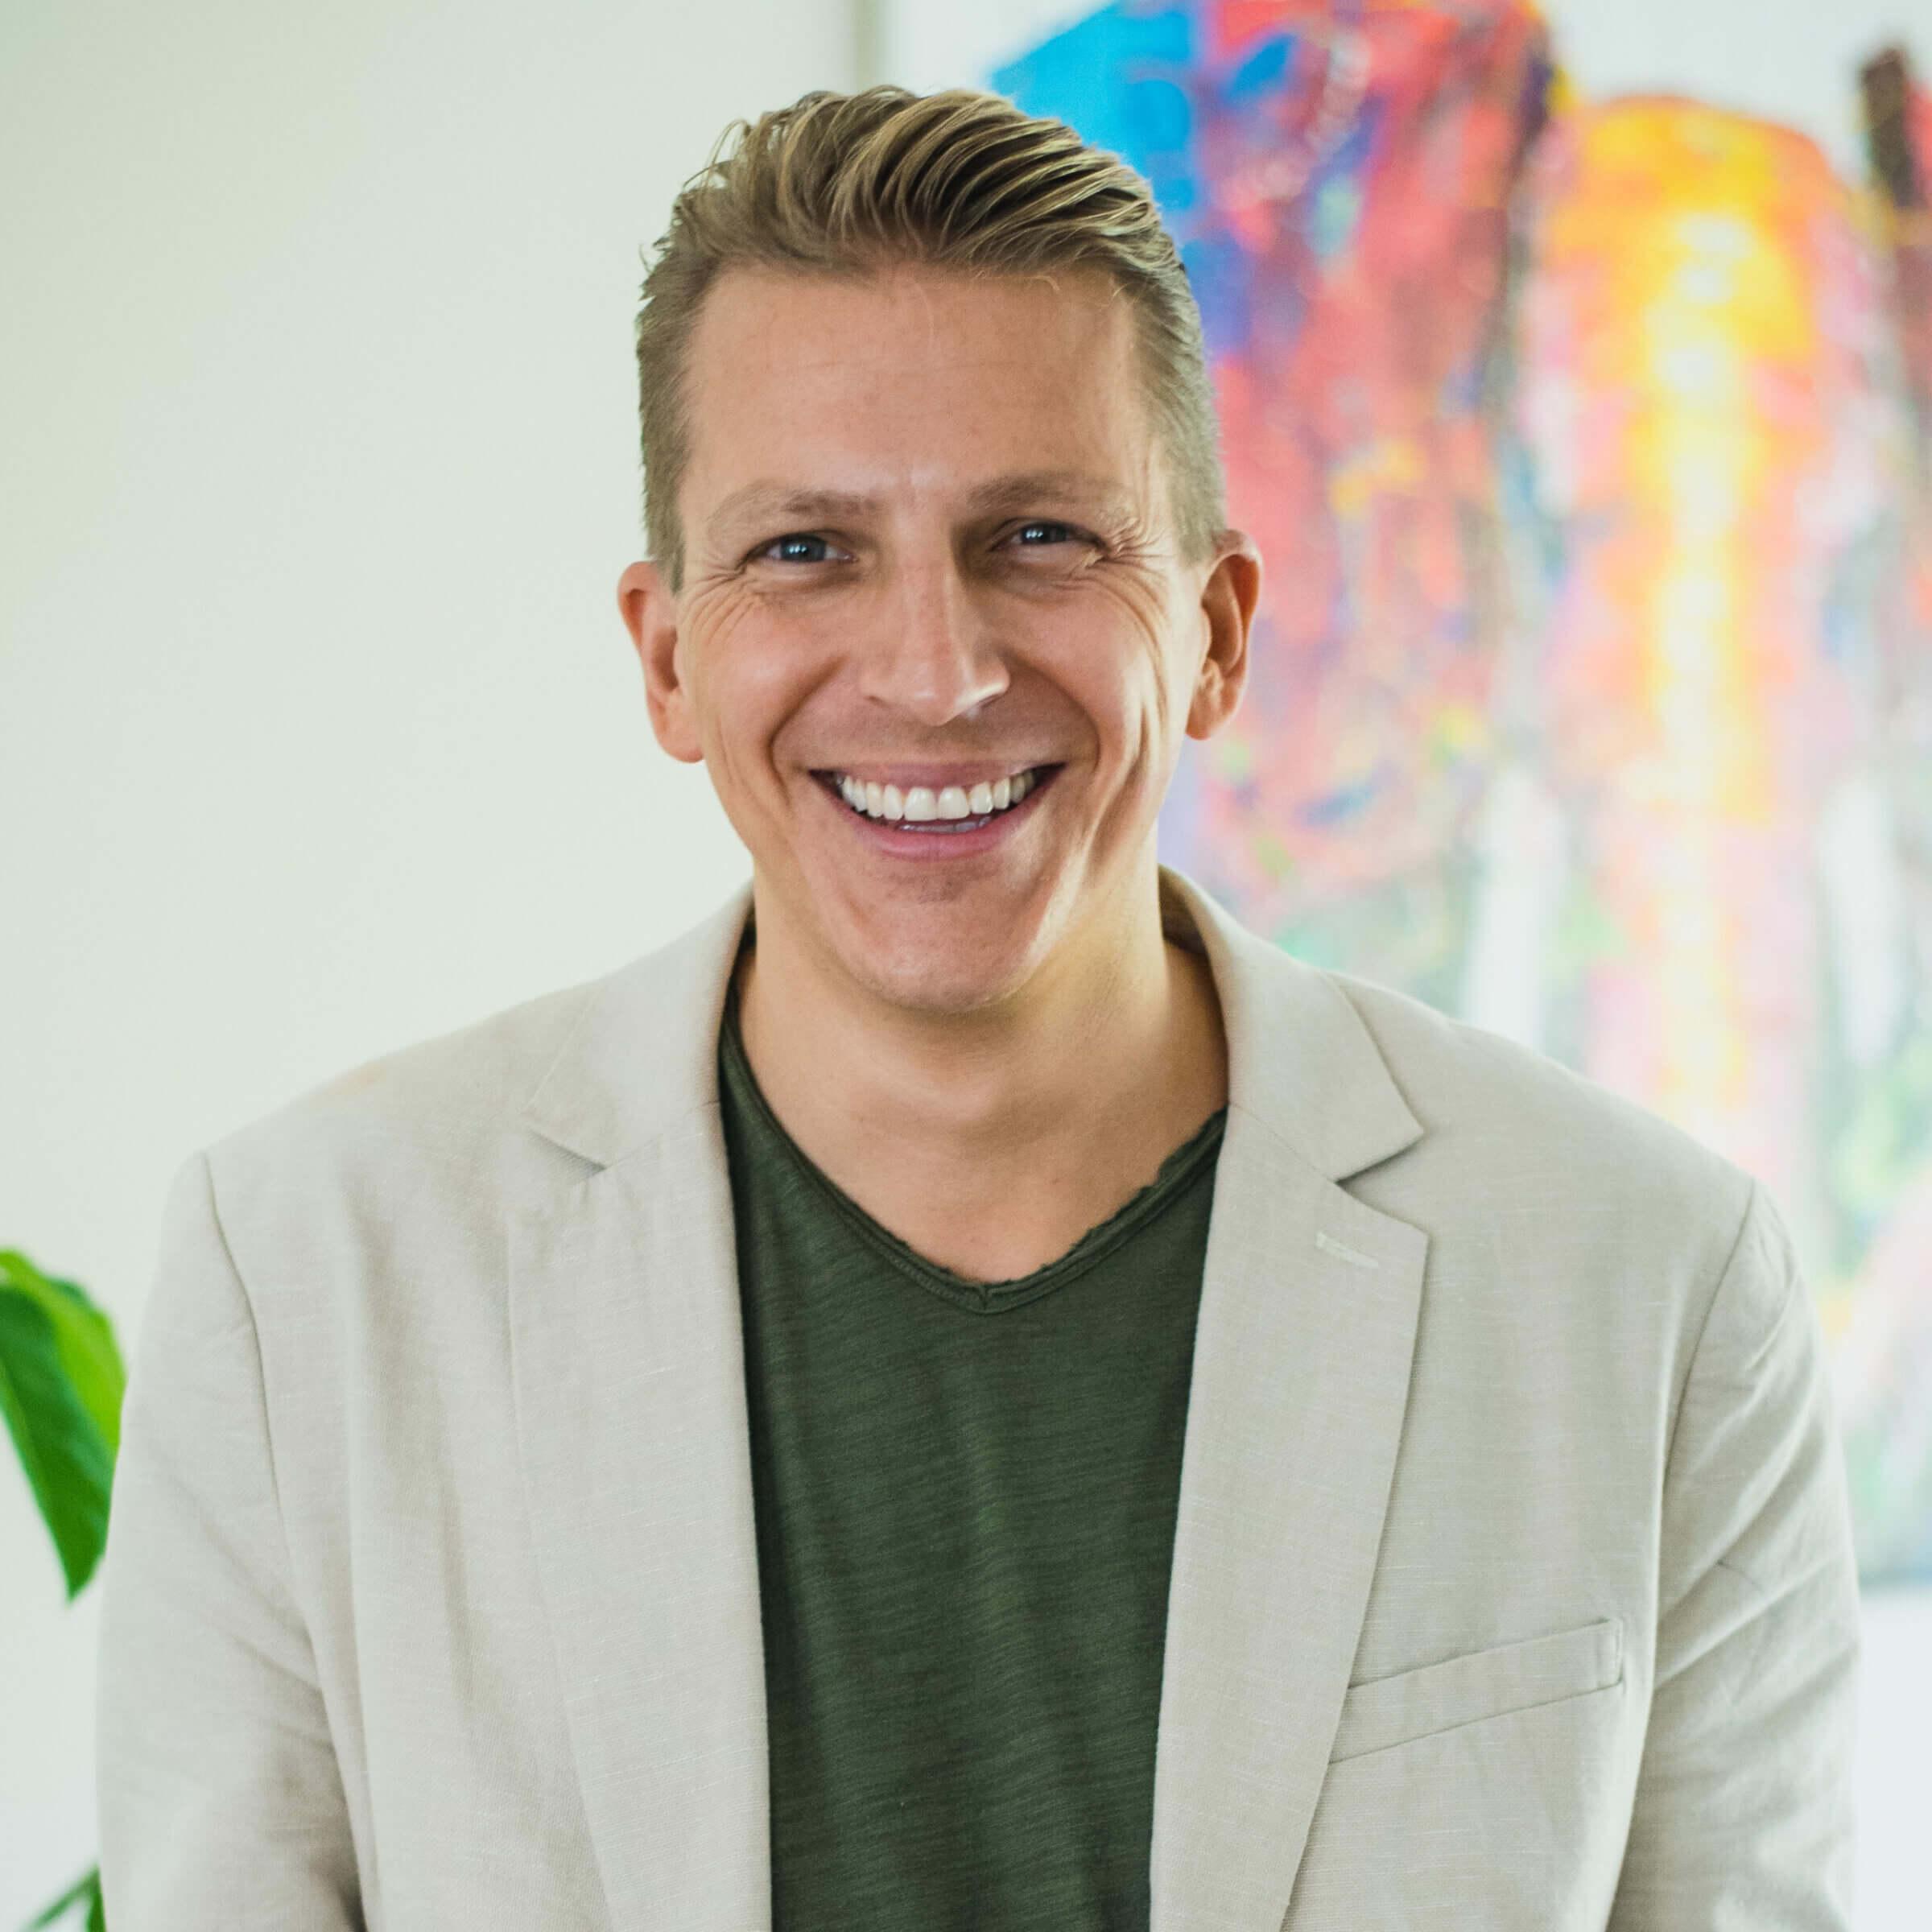 Unbox Your Network Marketing von Tobias Beck